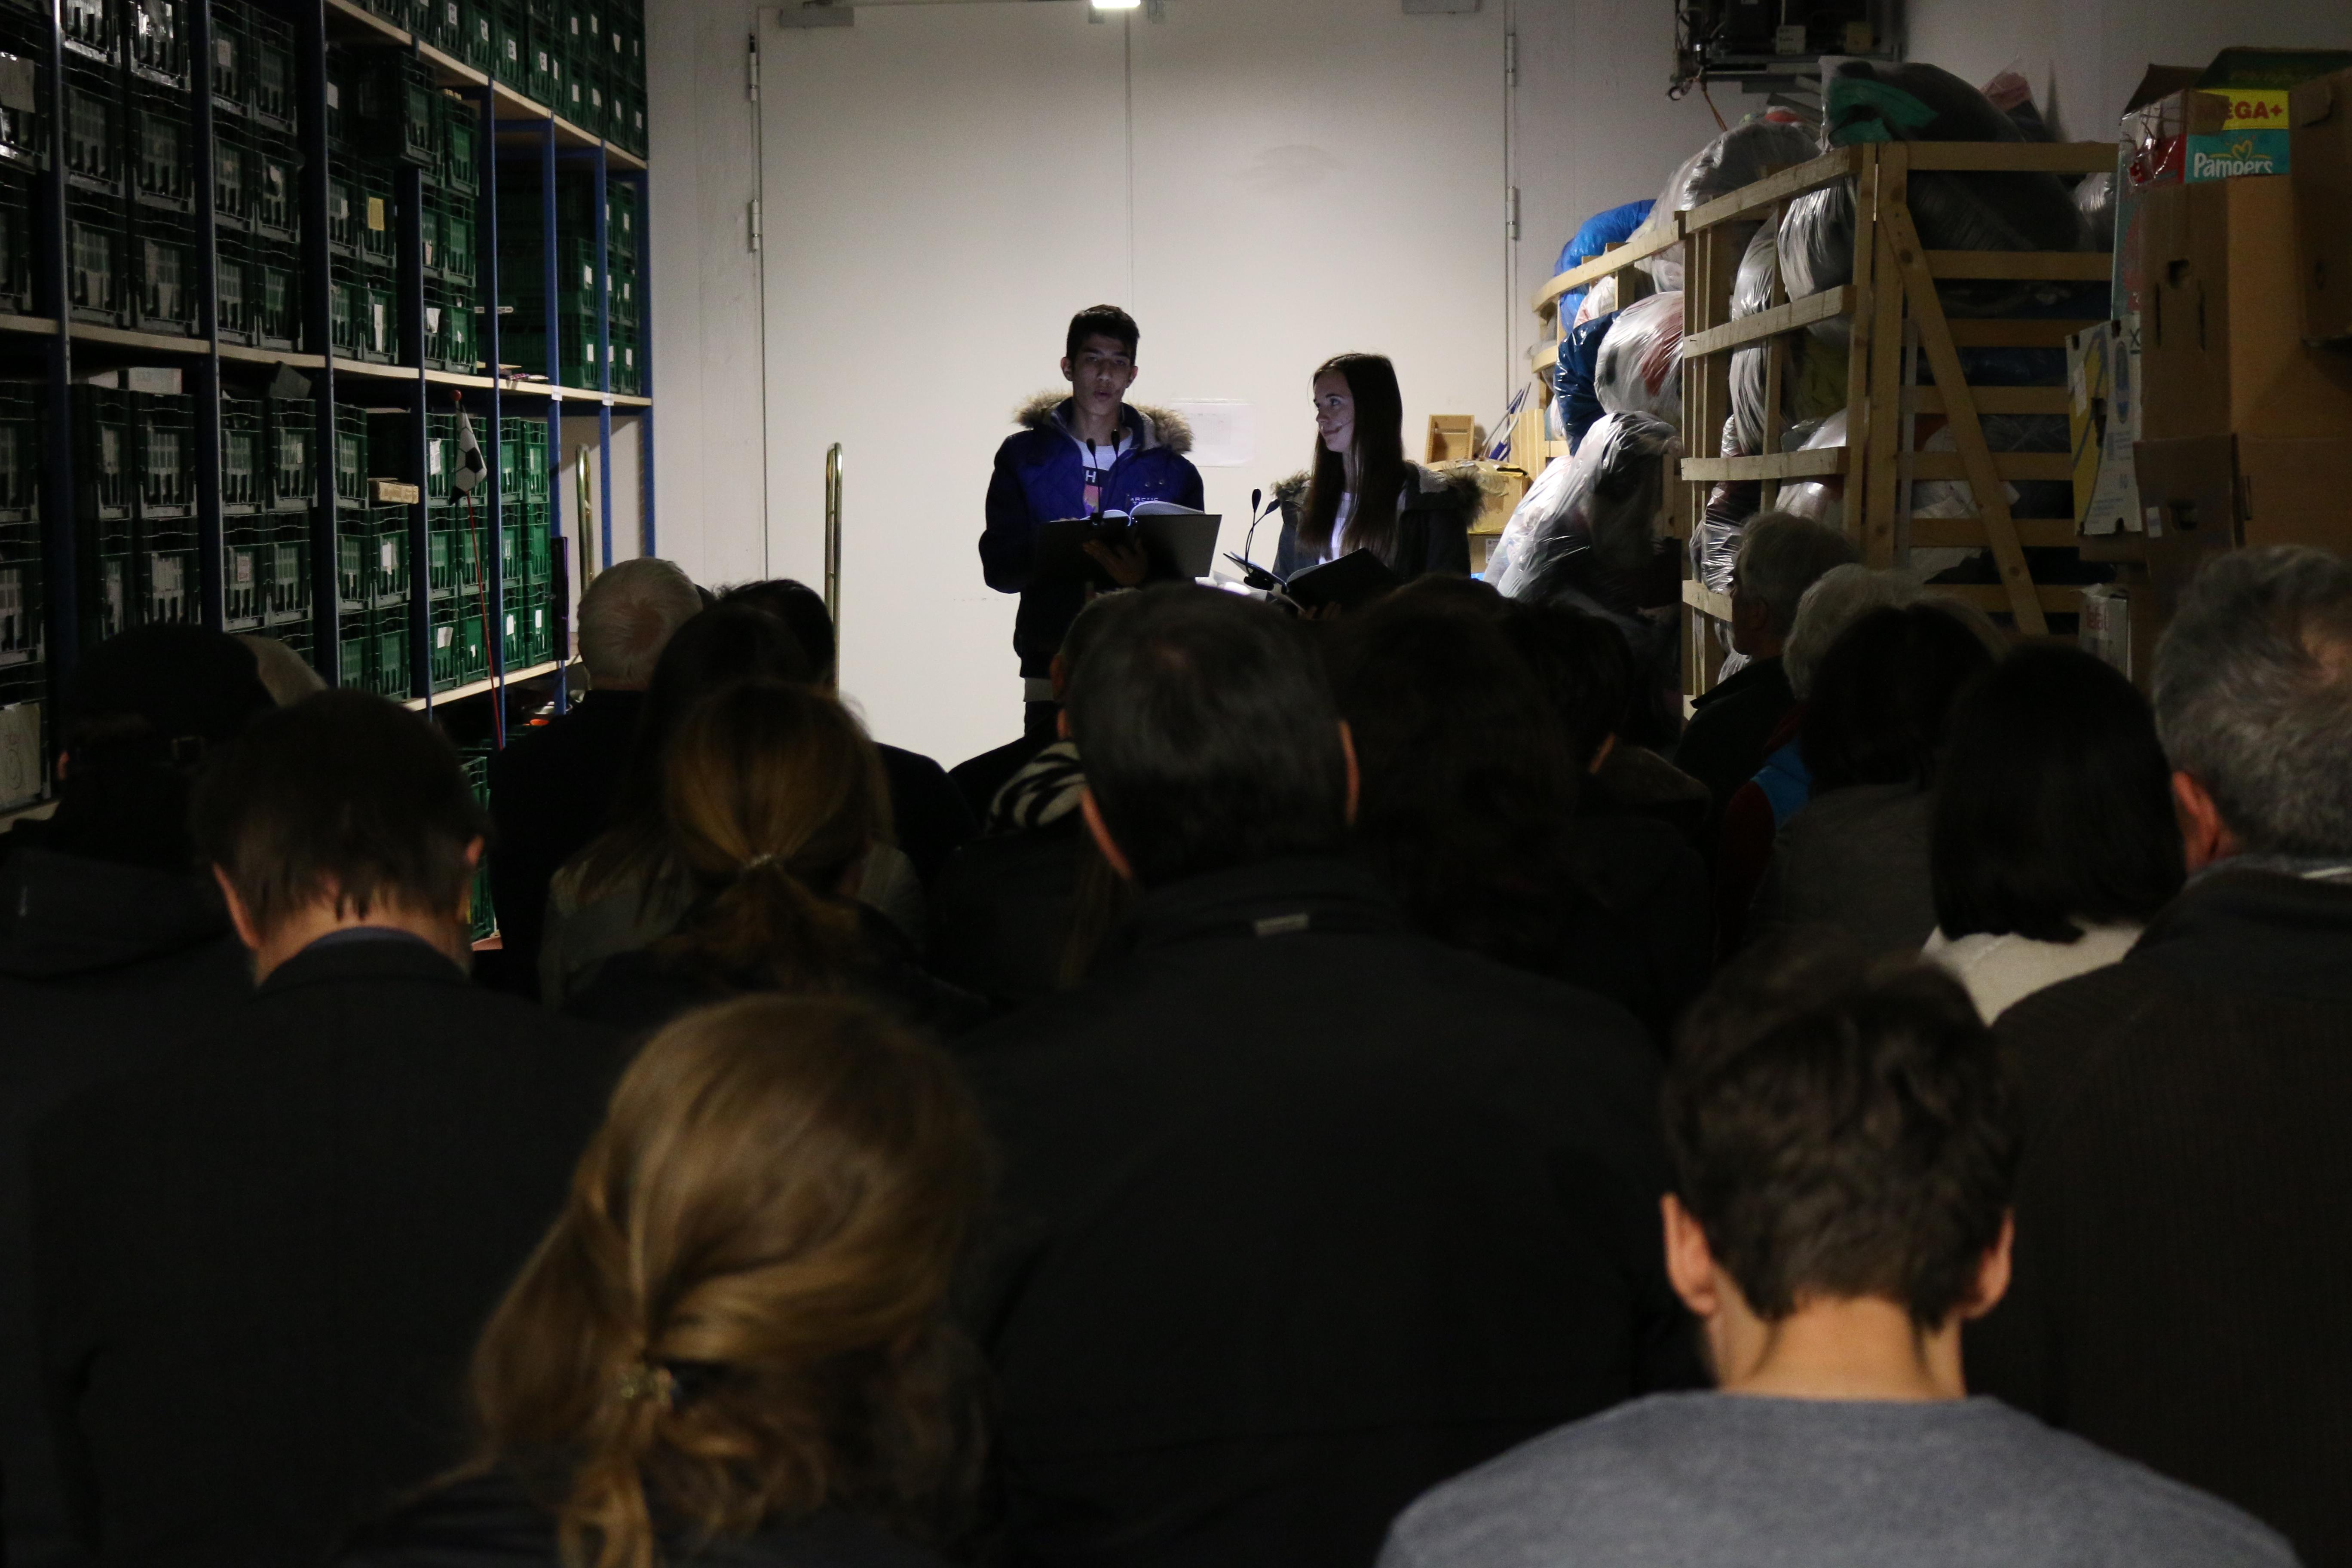 Zwei Schauspielende lesen eine Geschichte vor Publikum. Im Raum ist nur wenig Licht und es ist eng.